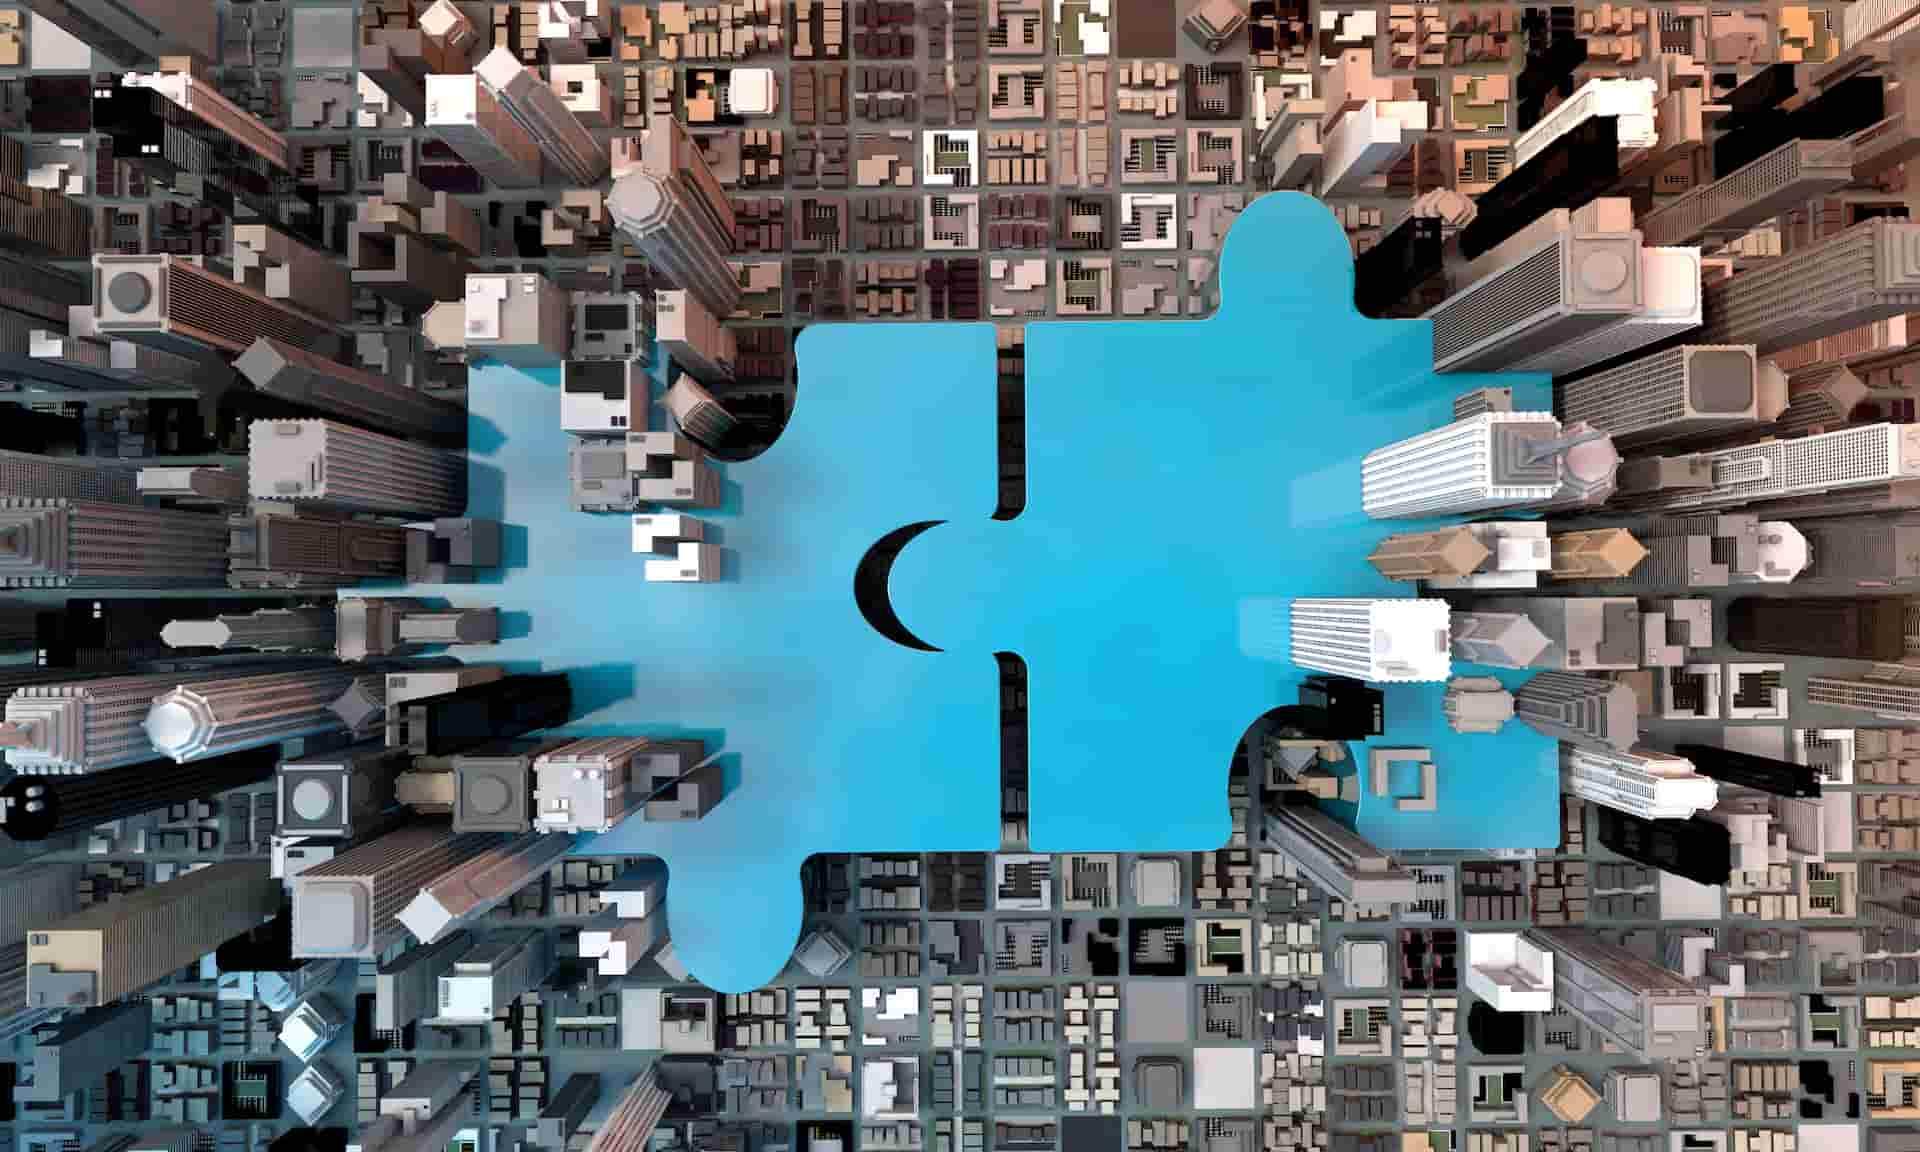 产学研官决策的脑矿:专利智能情报是无尽宝藏